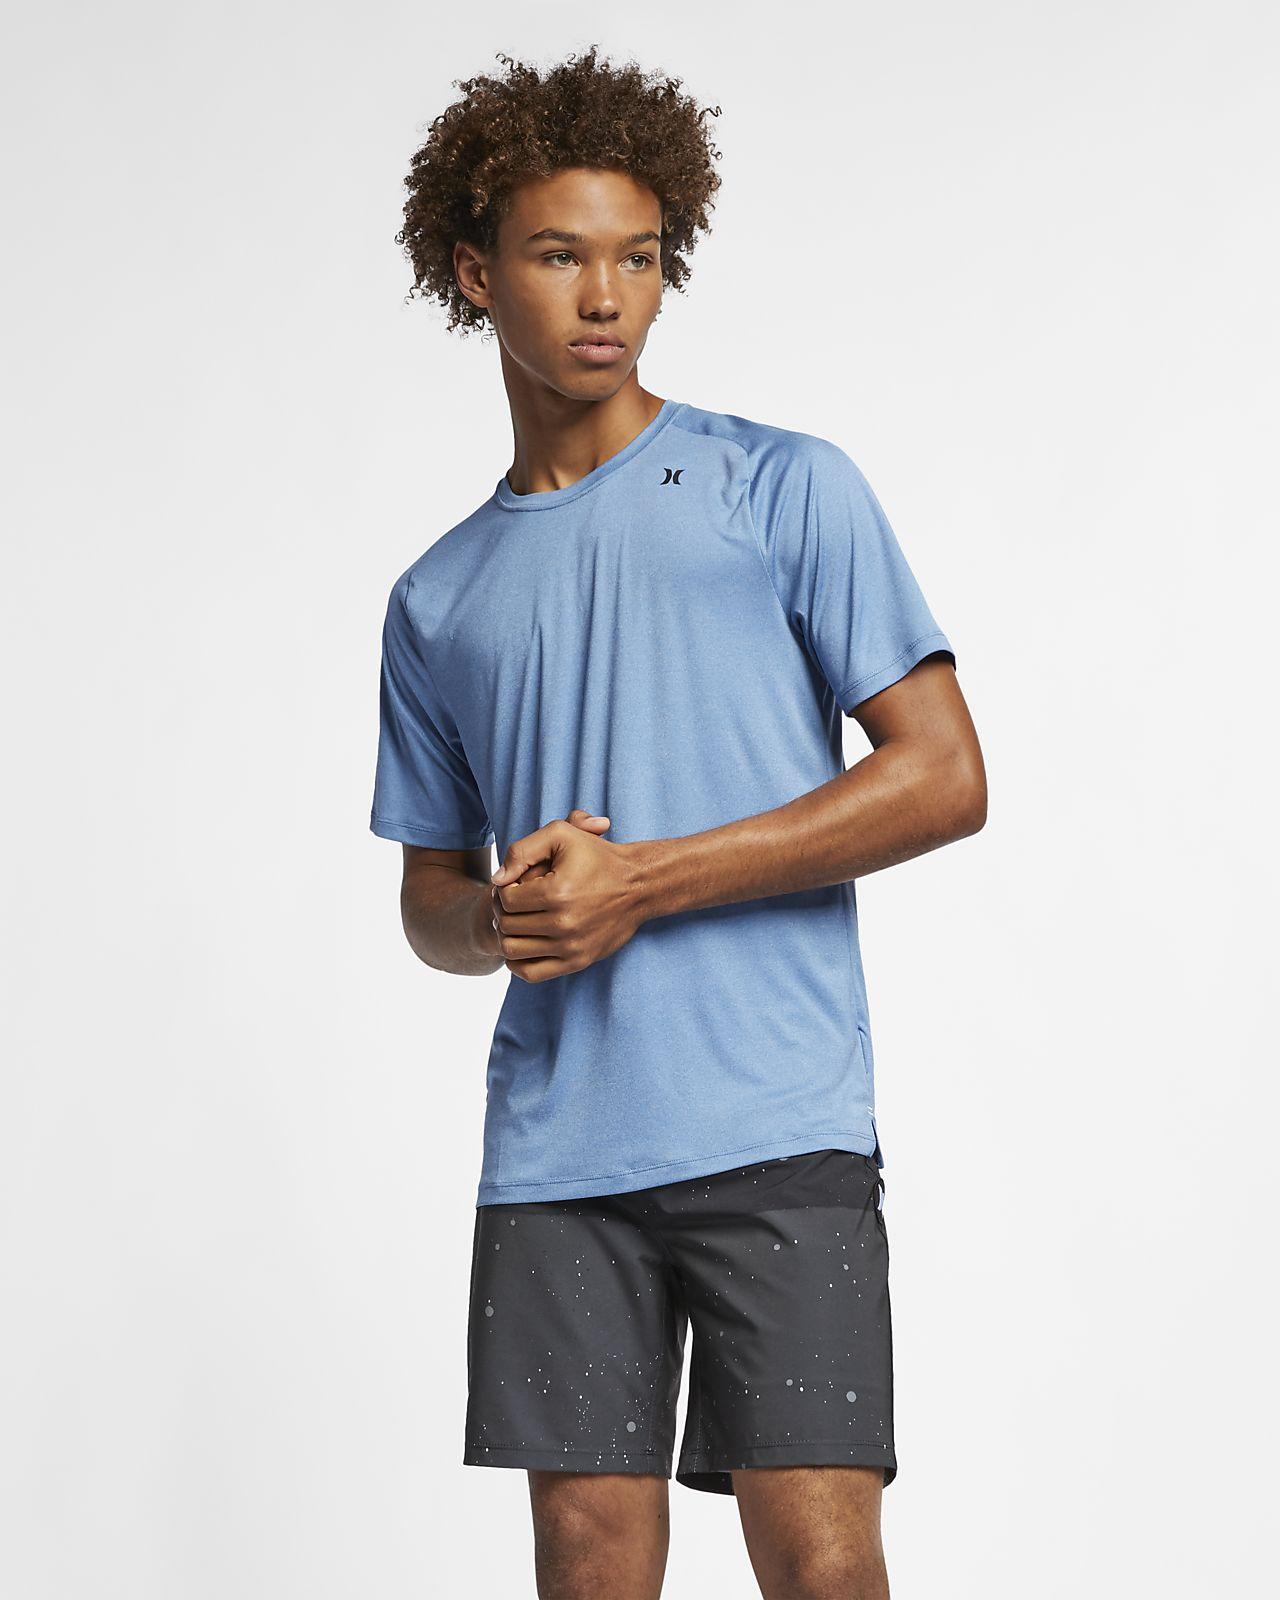 T-shirt Hurley Quick Dry för män